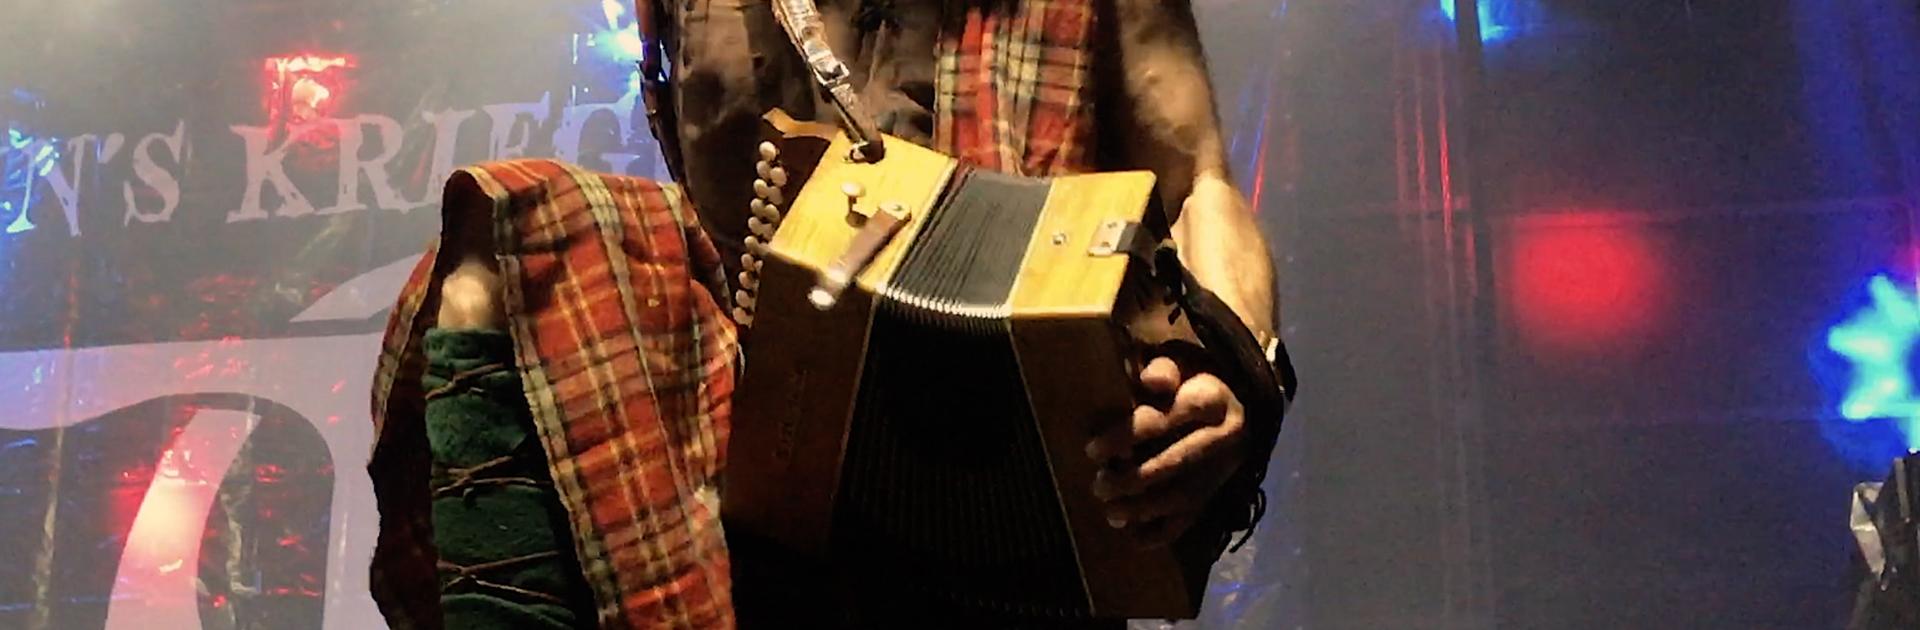 Wat-Zullen-We-Drinken-Zeven-dagen-lang-in-Brazil-Rapalje-Celtic-Folk-Music